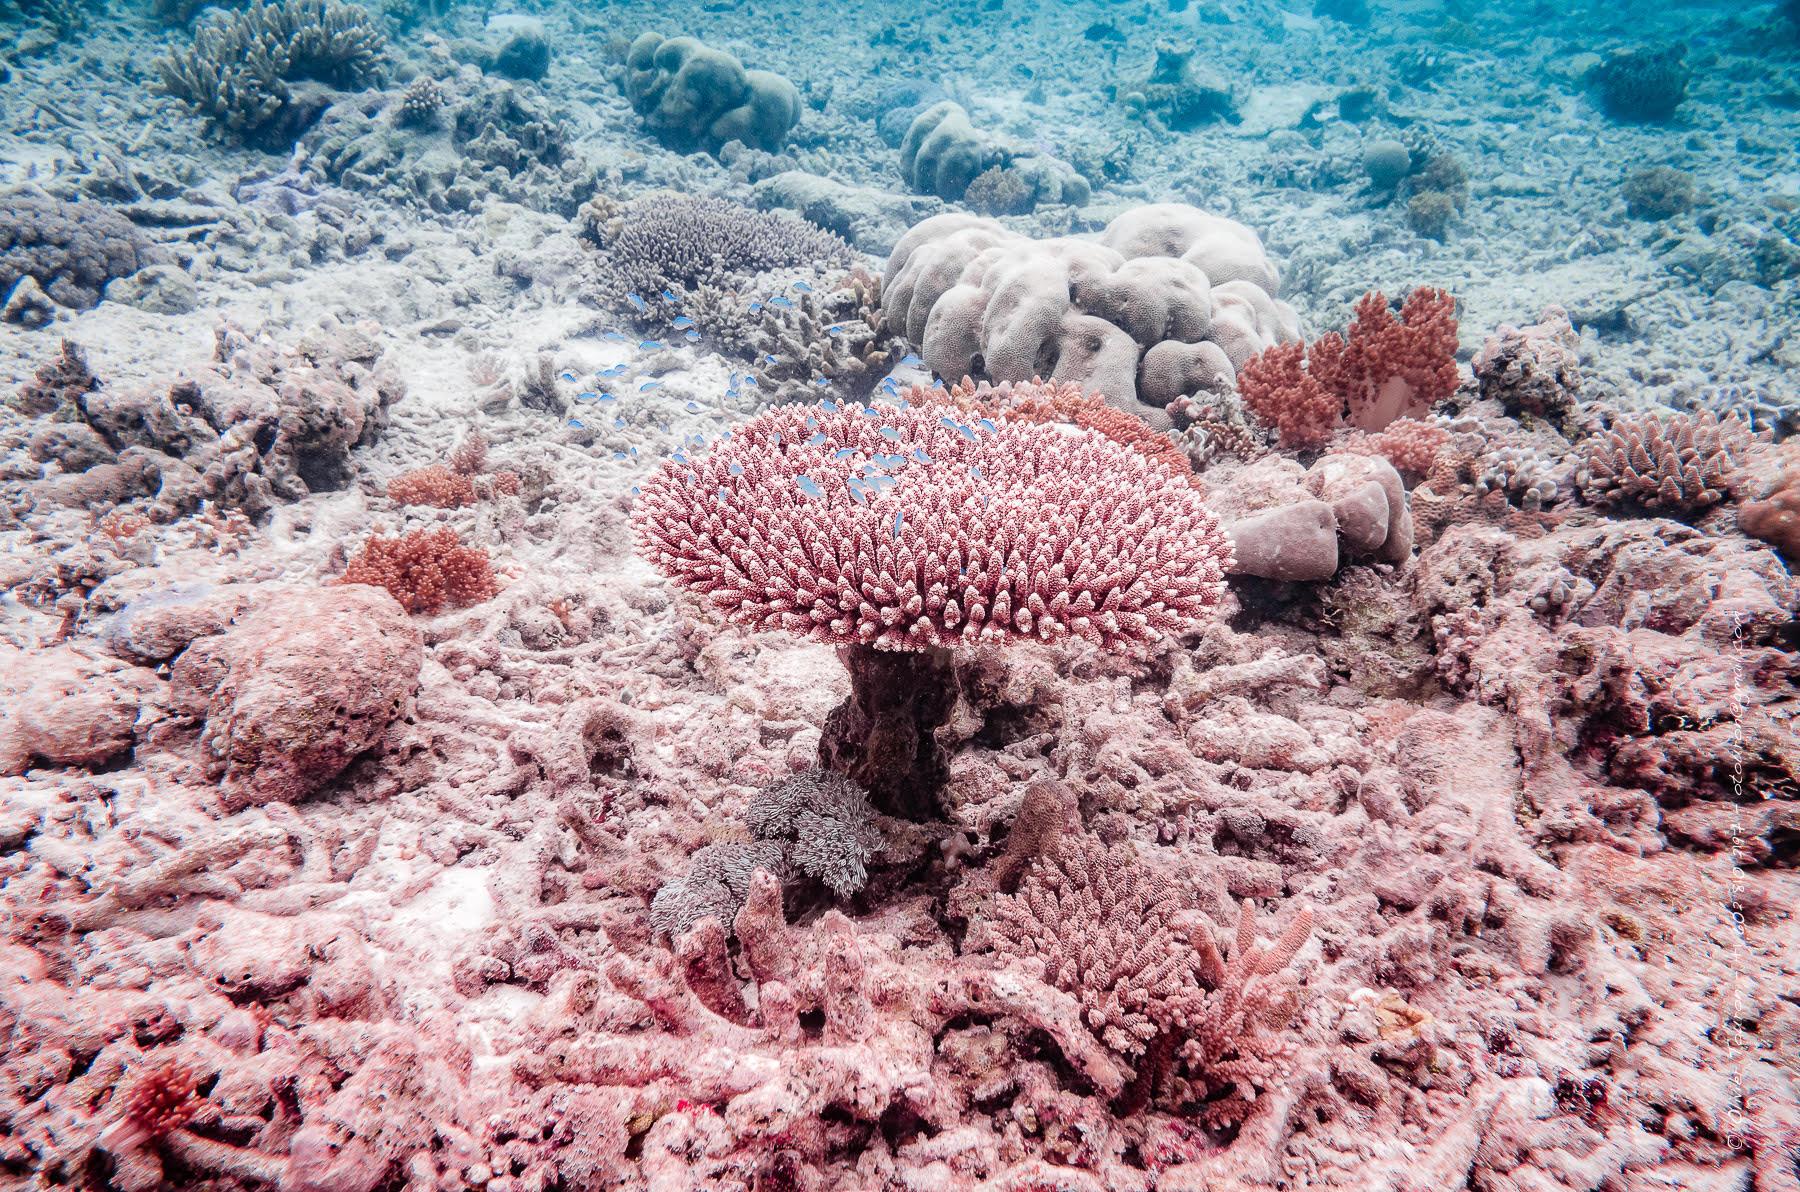 28 novembre 2017. Croisière Ponant-Géo à bord de l'Austral entre Bali et Cairns. En mer. // © Olivier Touron / Divergence